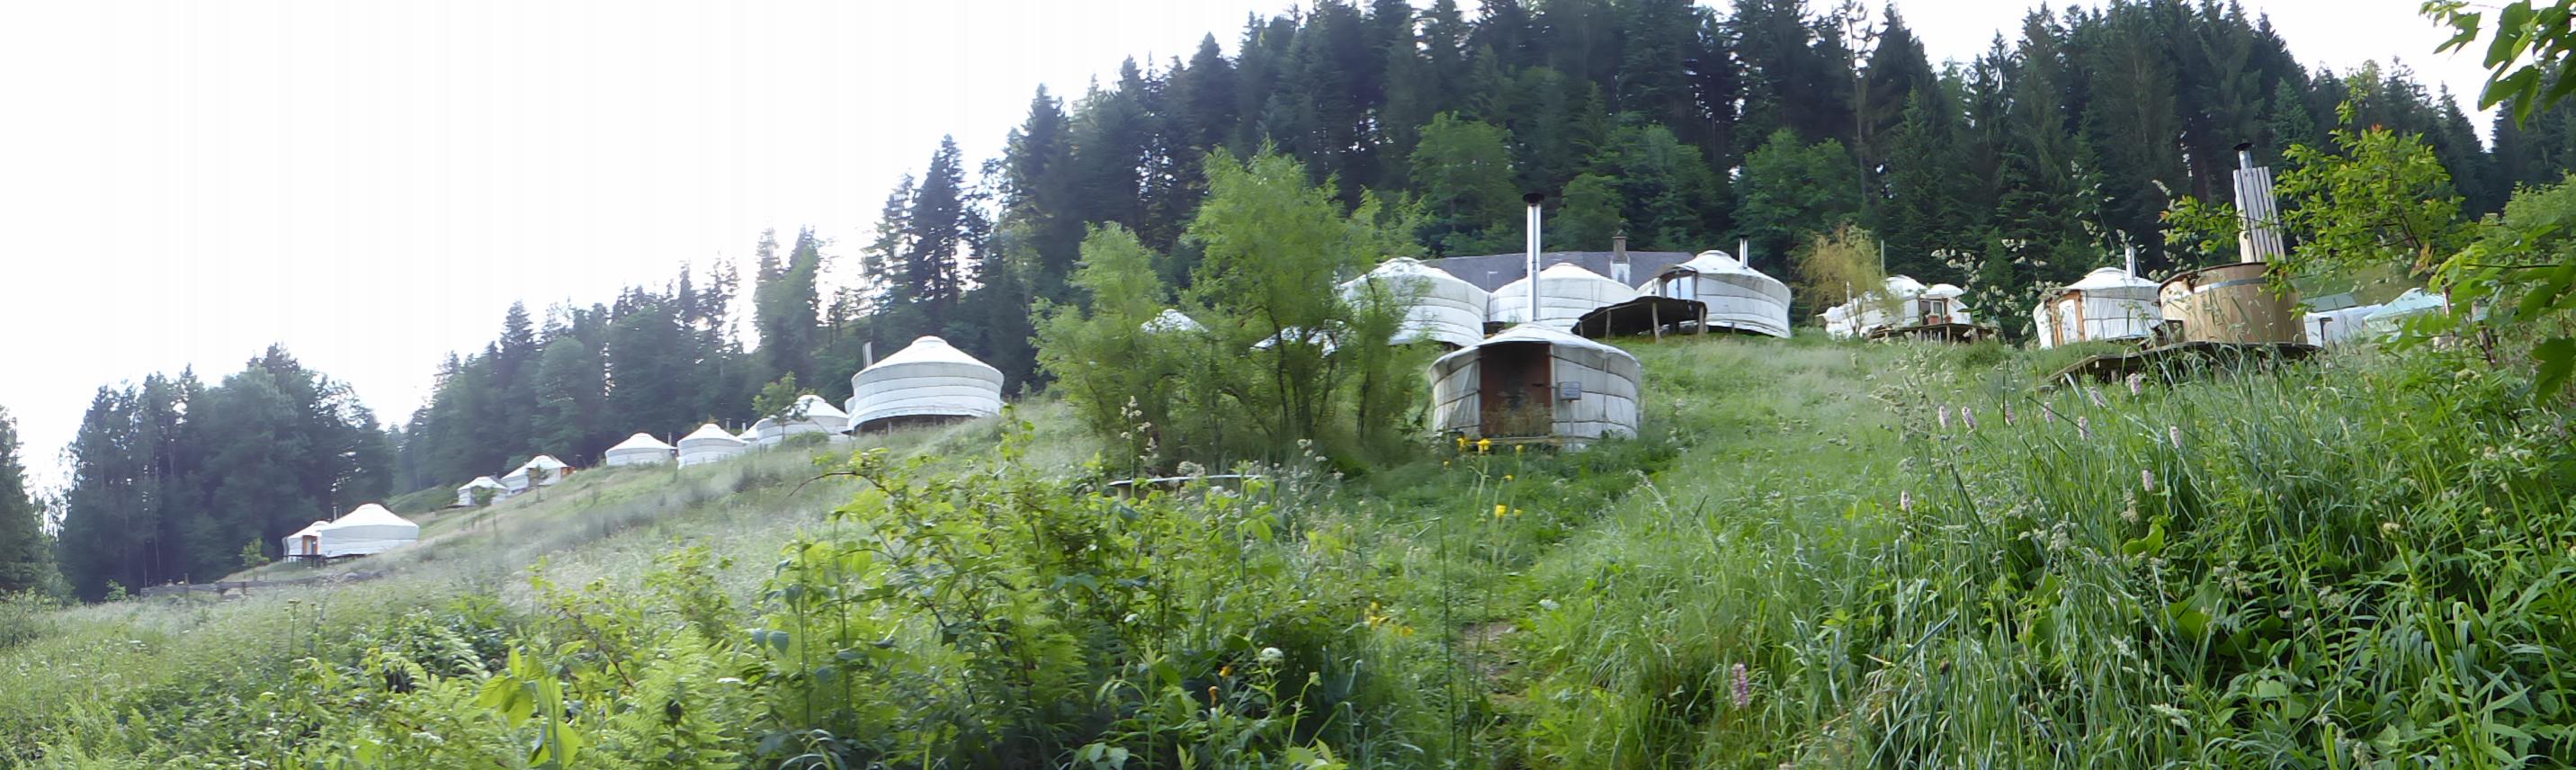 Das Jurtendorf in Luthern Bad. Wenige Fussminuten vom Ort gelangt man in das Seitental in dem das terrassenförmig angelegte Dorf in der Nähe vom Napf liegt.